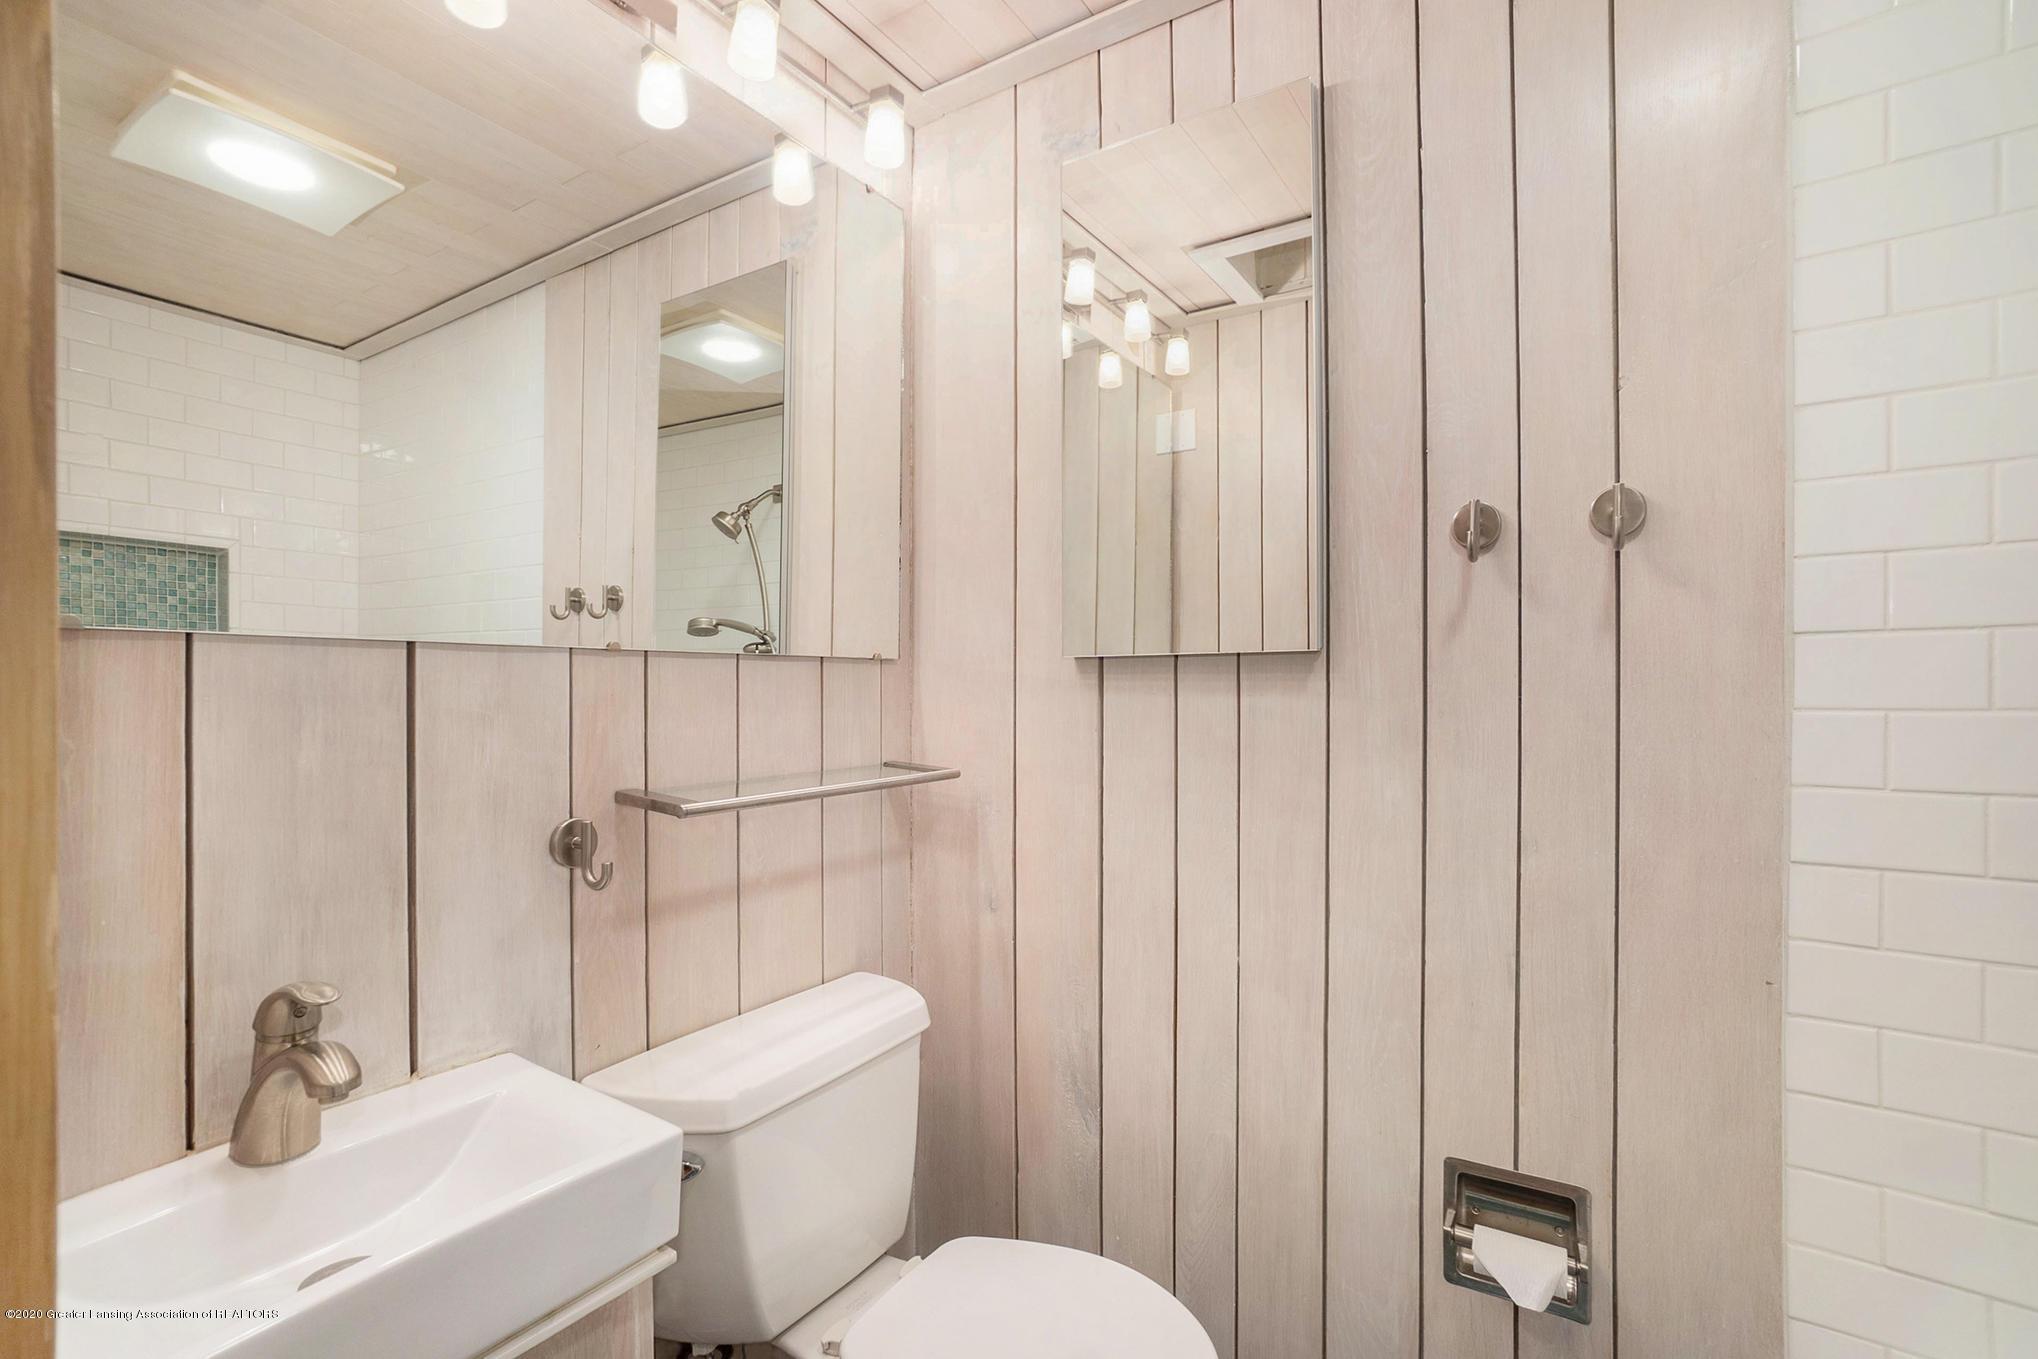 4045 Van Atta Rd - Full Bathroom - 45